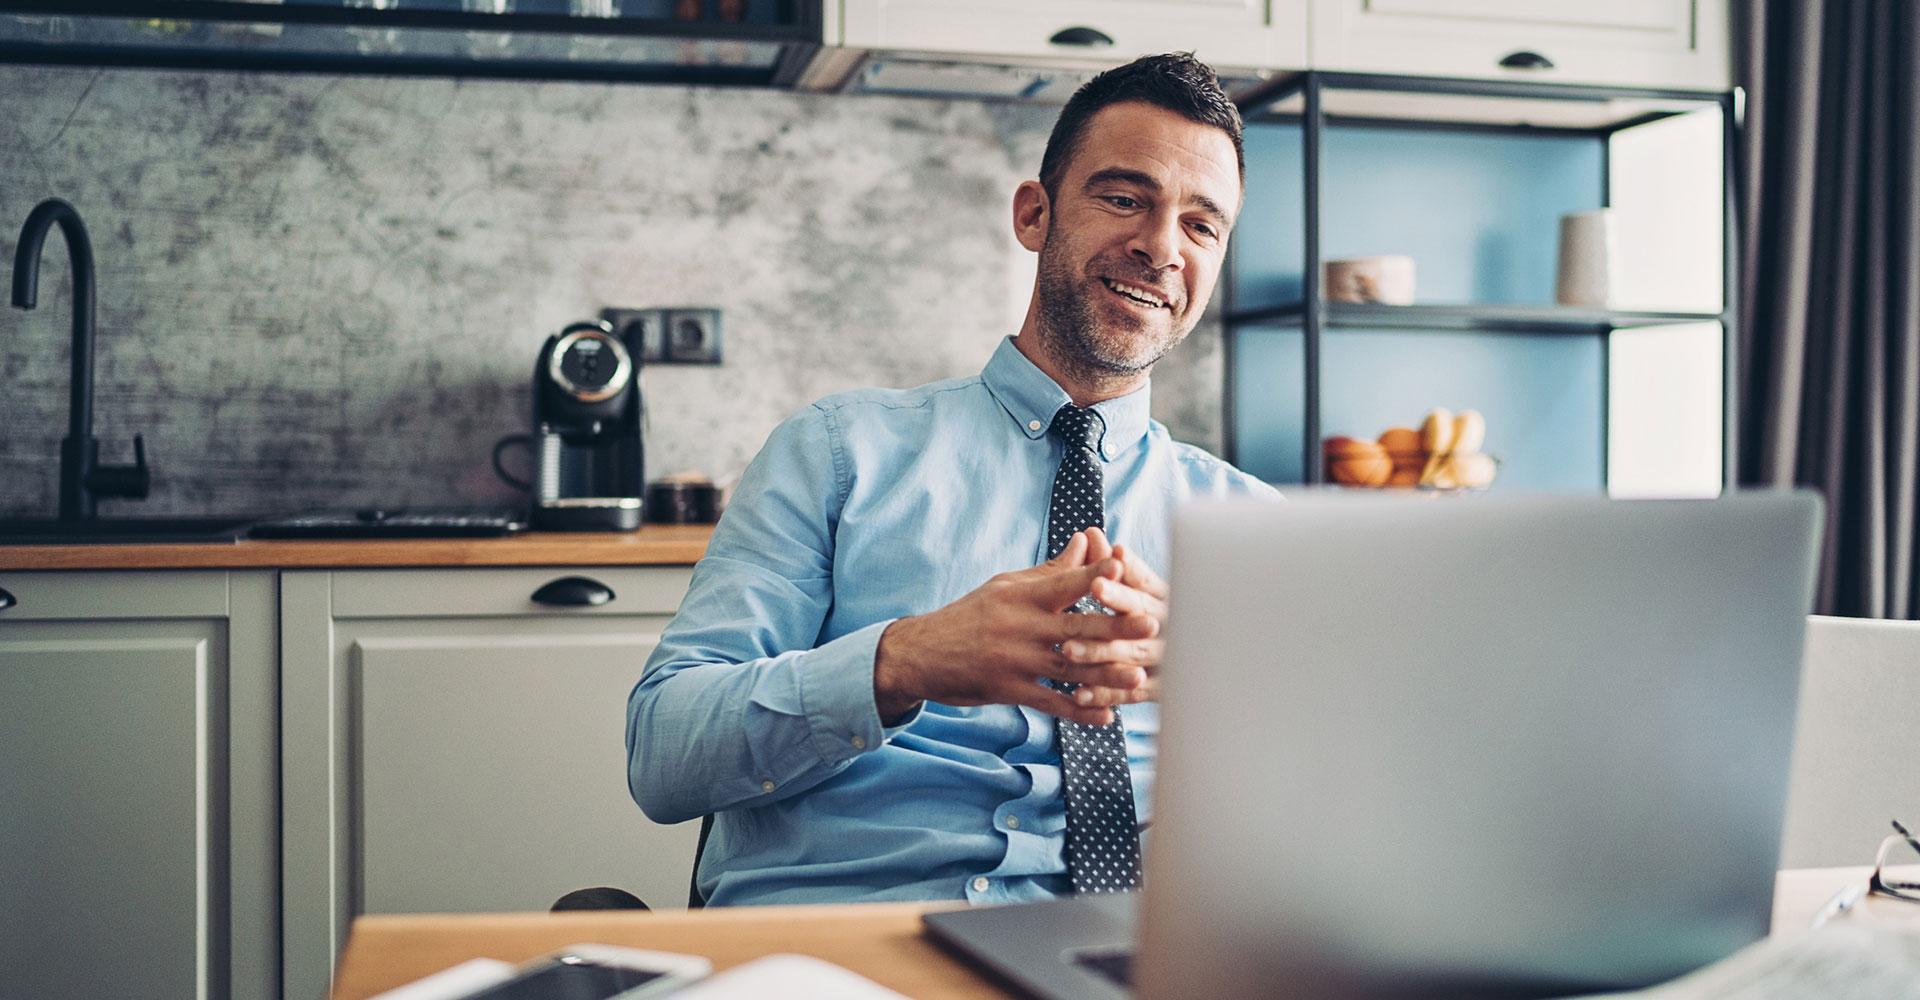 man in online meeting